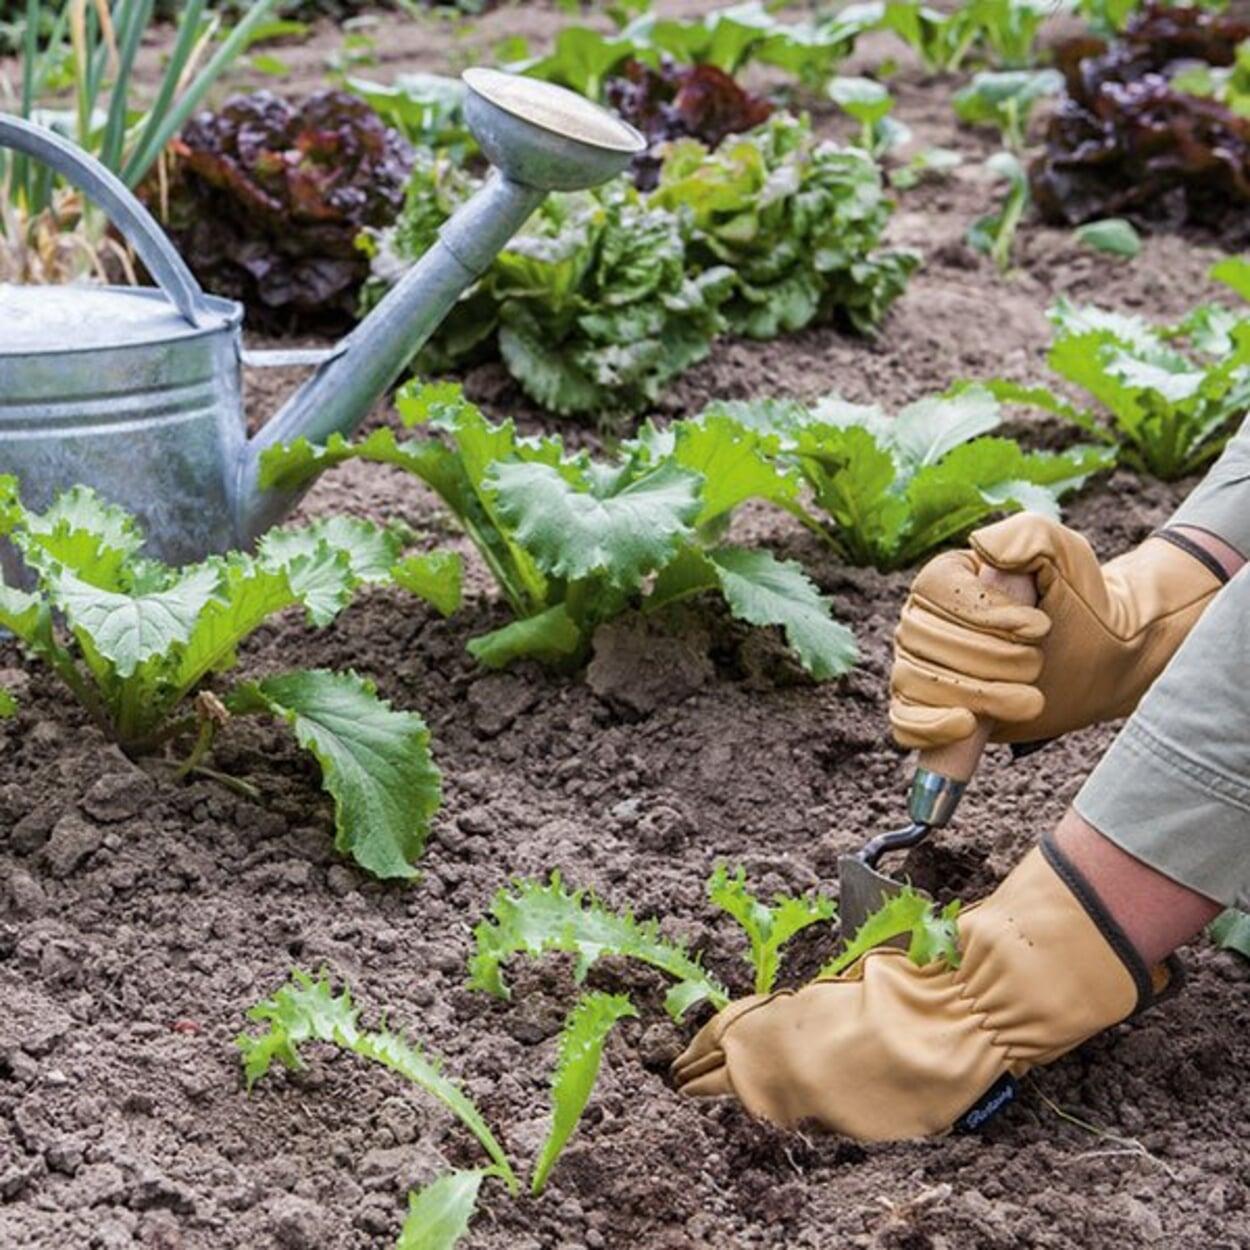 Jungpflanzen in lockeren Boden setzen, gut andrücken und gießen